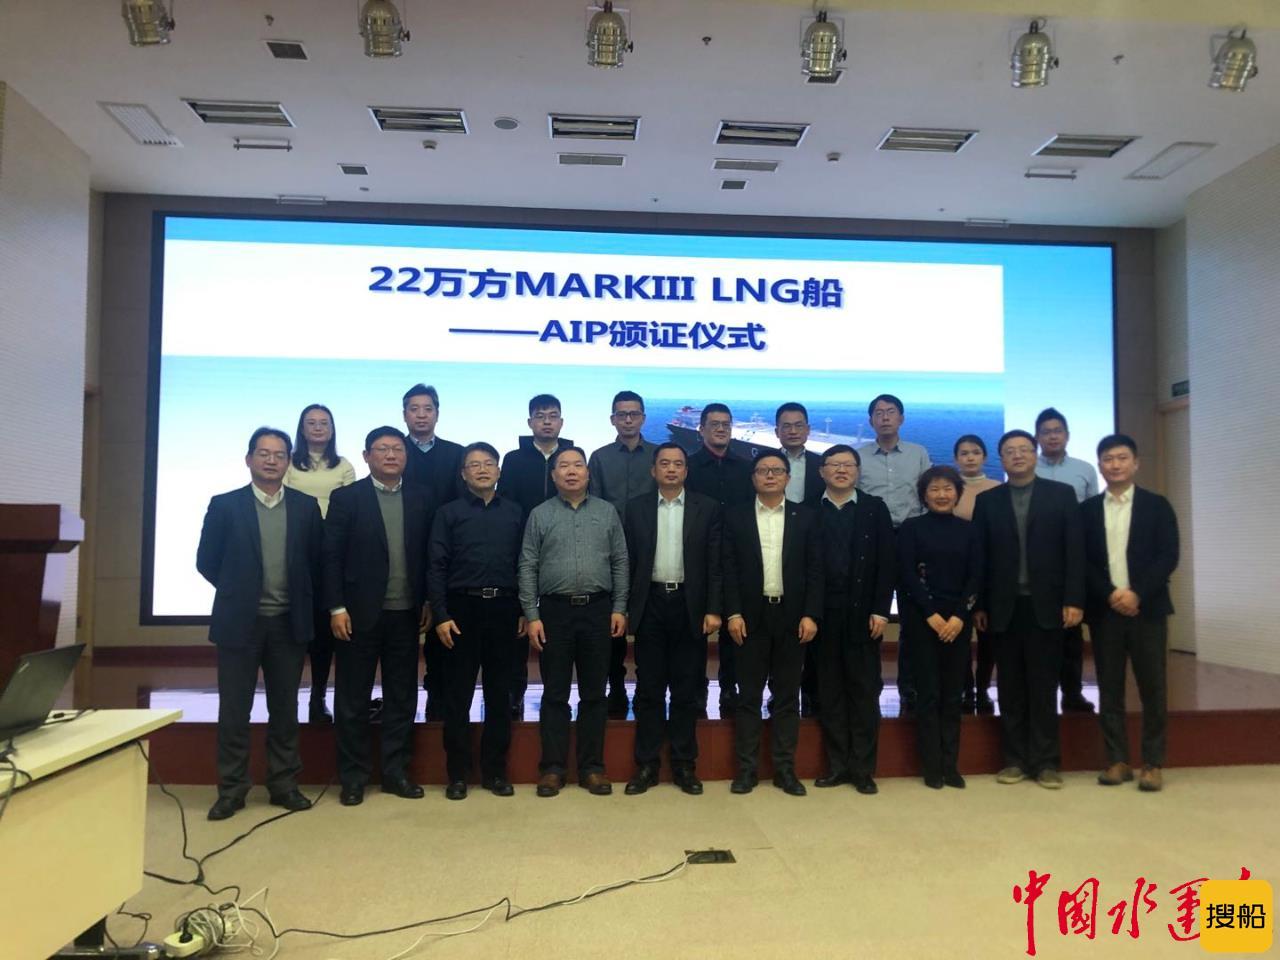 """""""航运技术联合创新工作室""""成立一周年 勇当上海国际航运中心建设排头兵"""